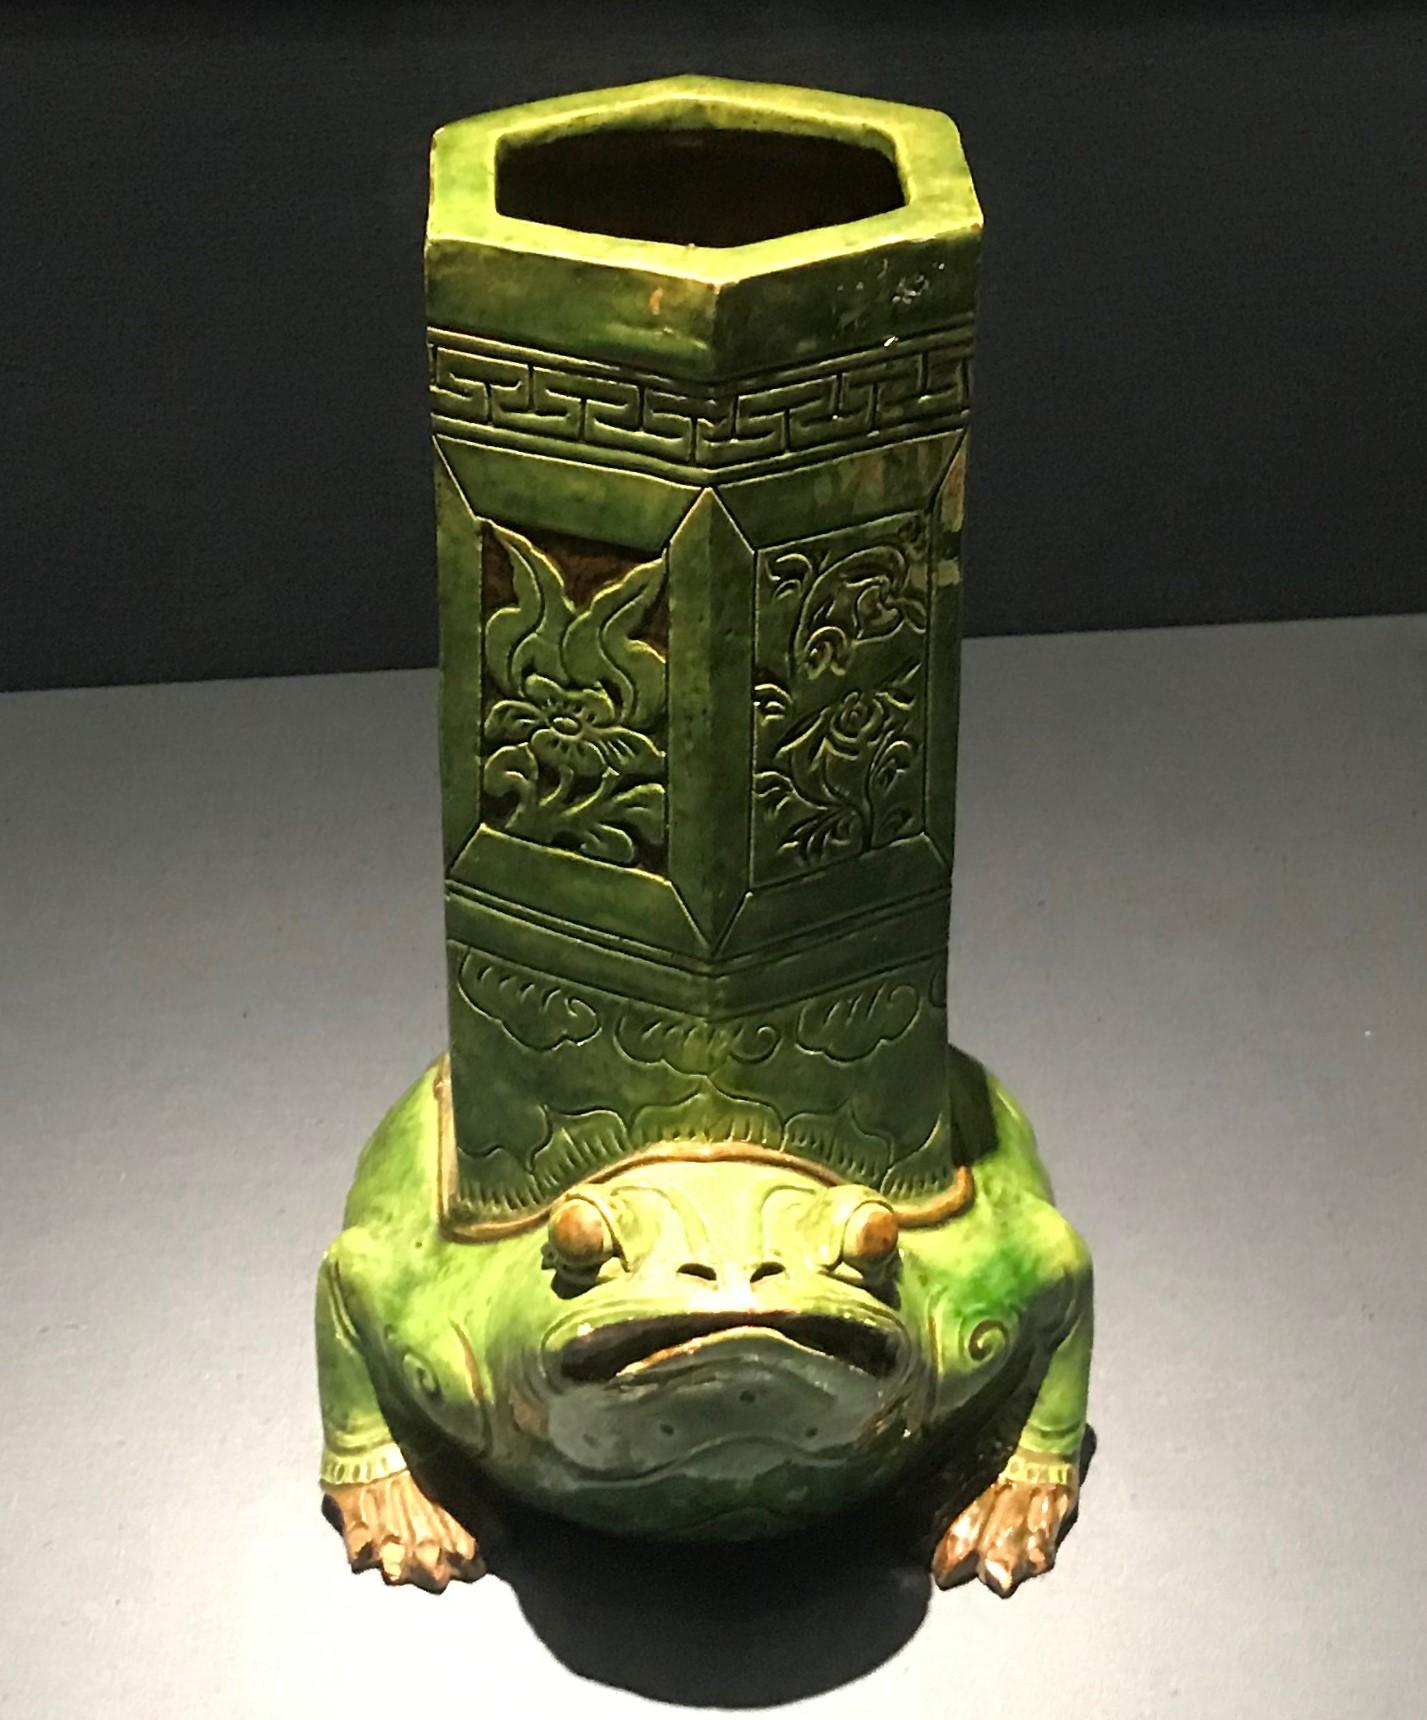 緑釉蛙形座磁帽筒-明清時代-常設展F3-成都博物館